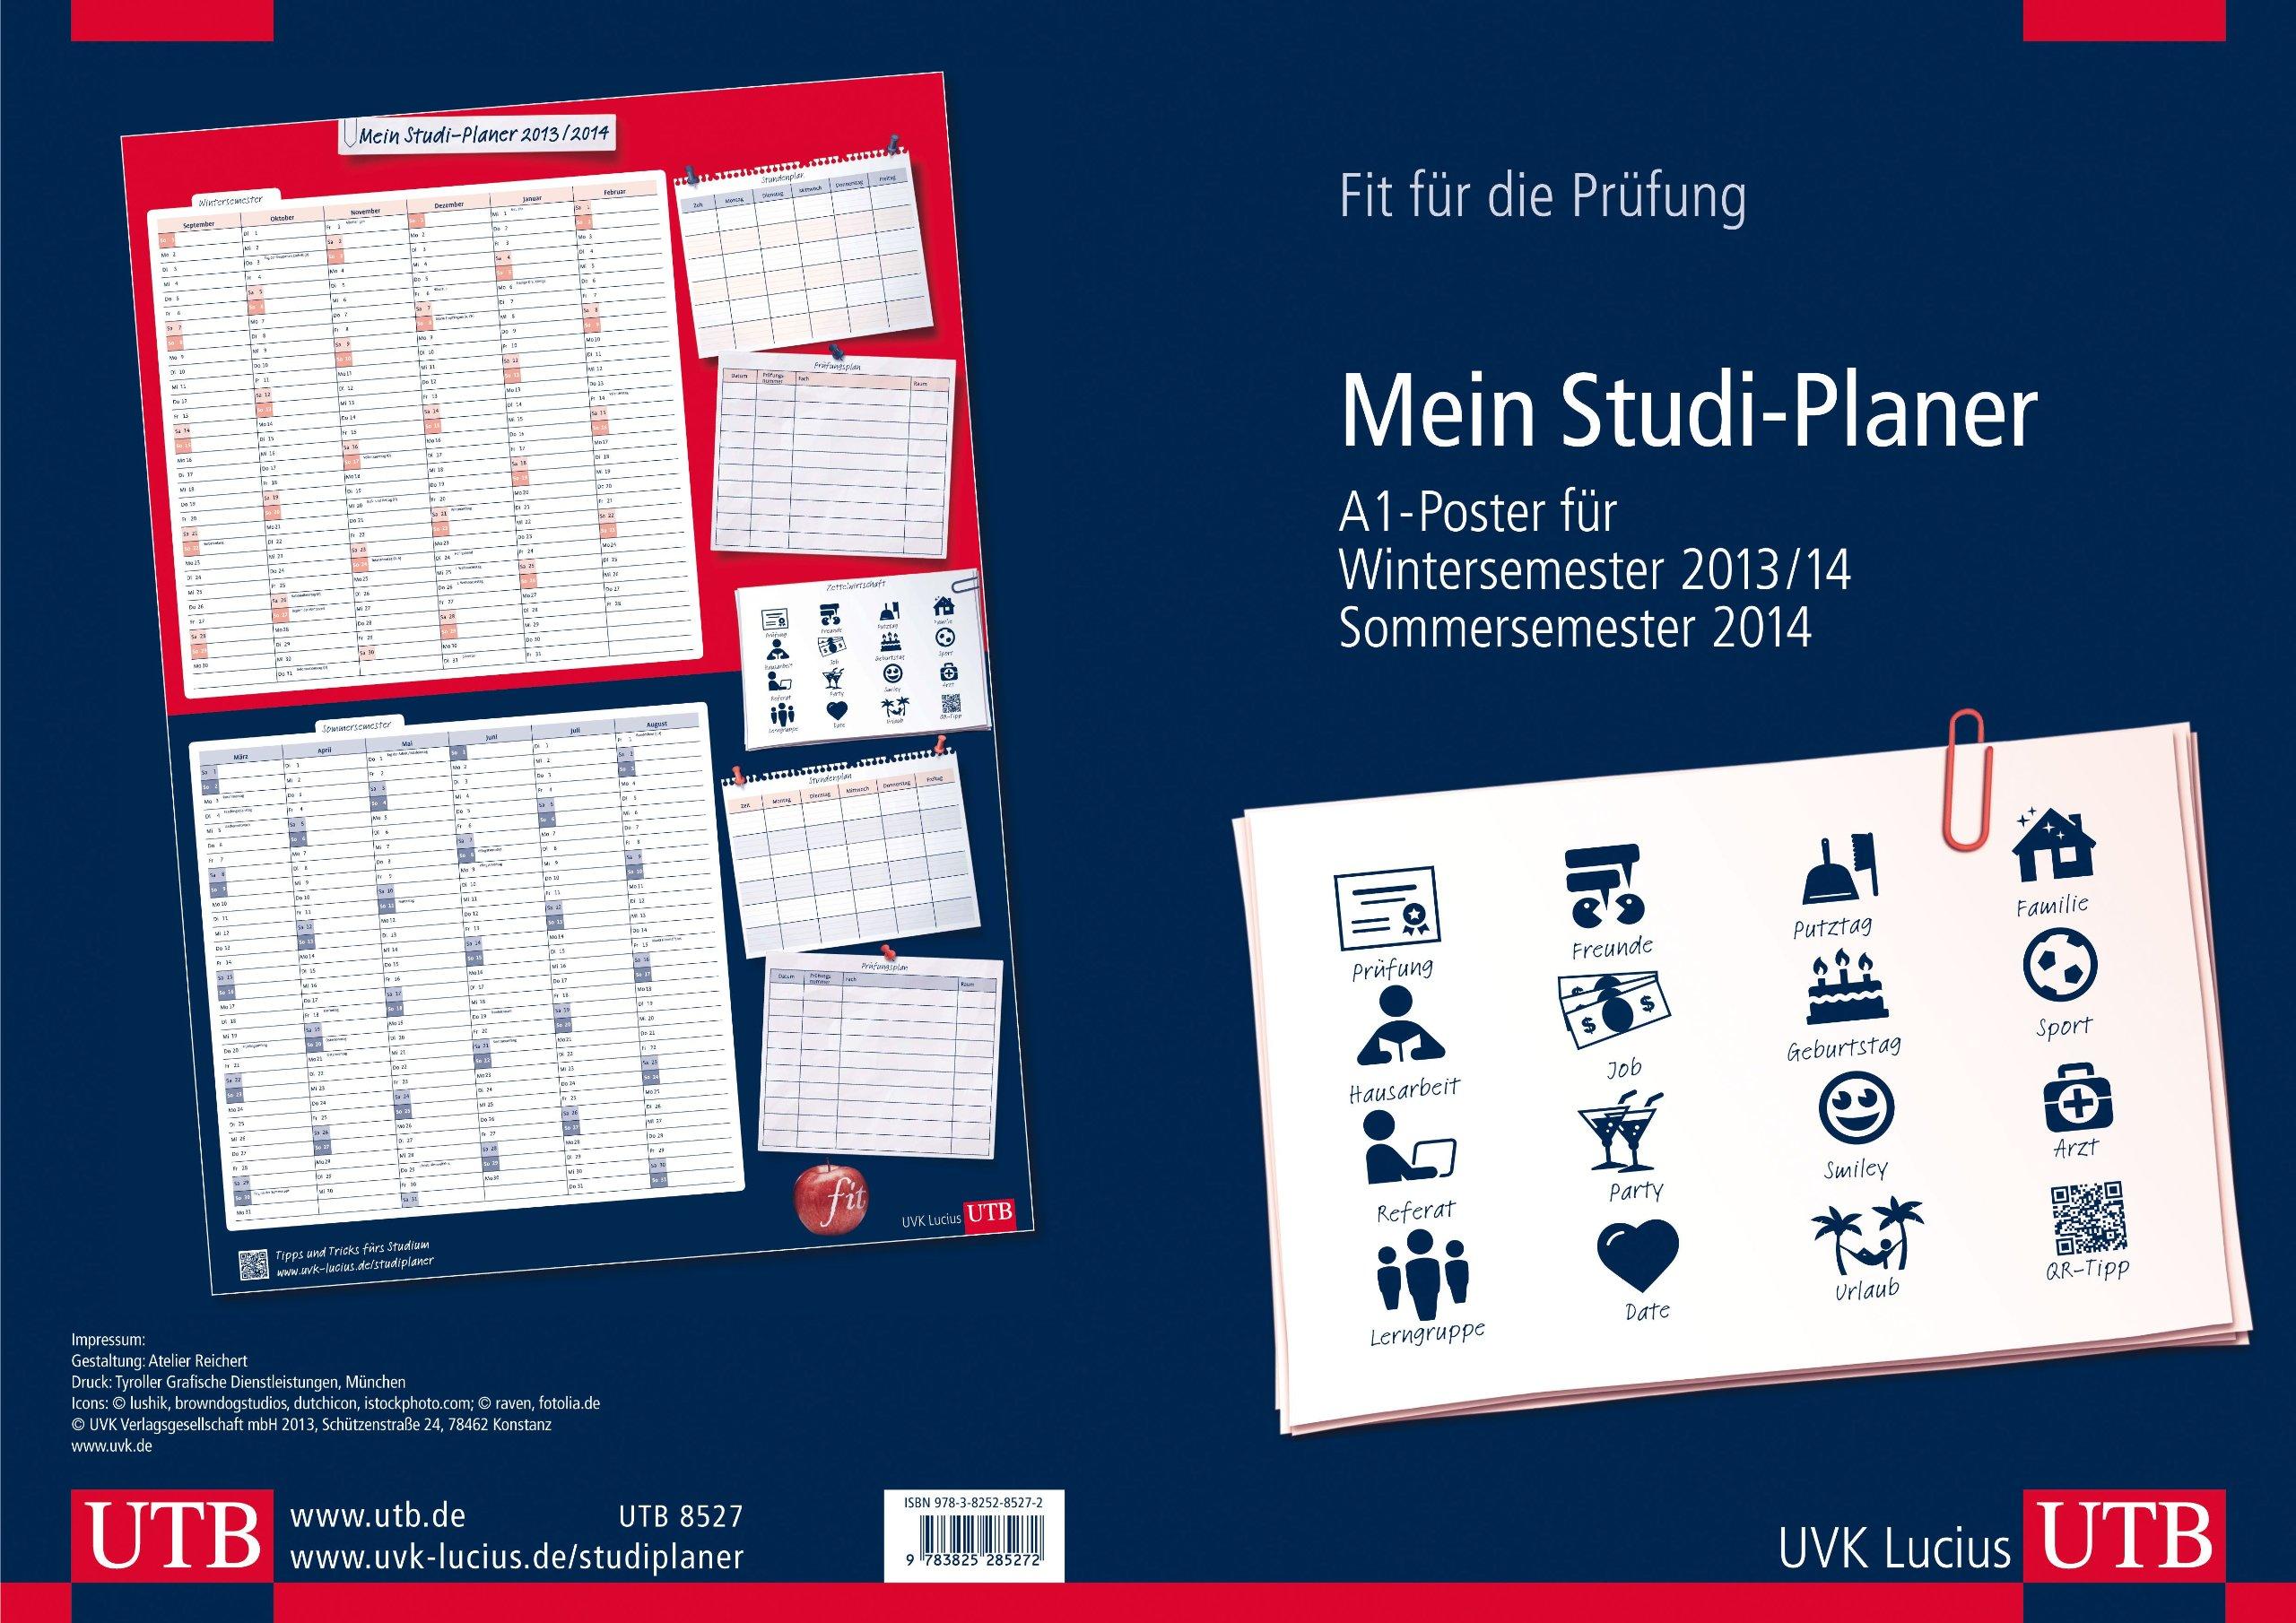 Mein Studi-Planer A1 Poster für Wintersemester 2013/14 und Sommersemester